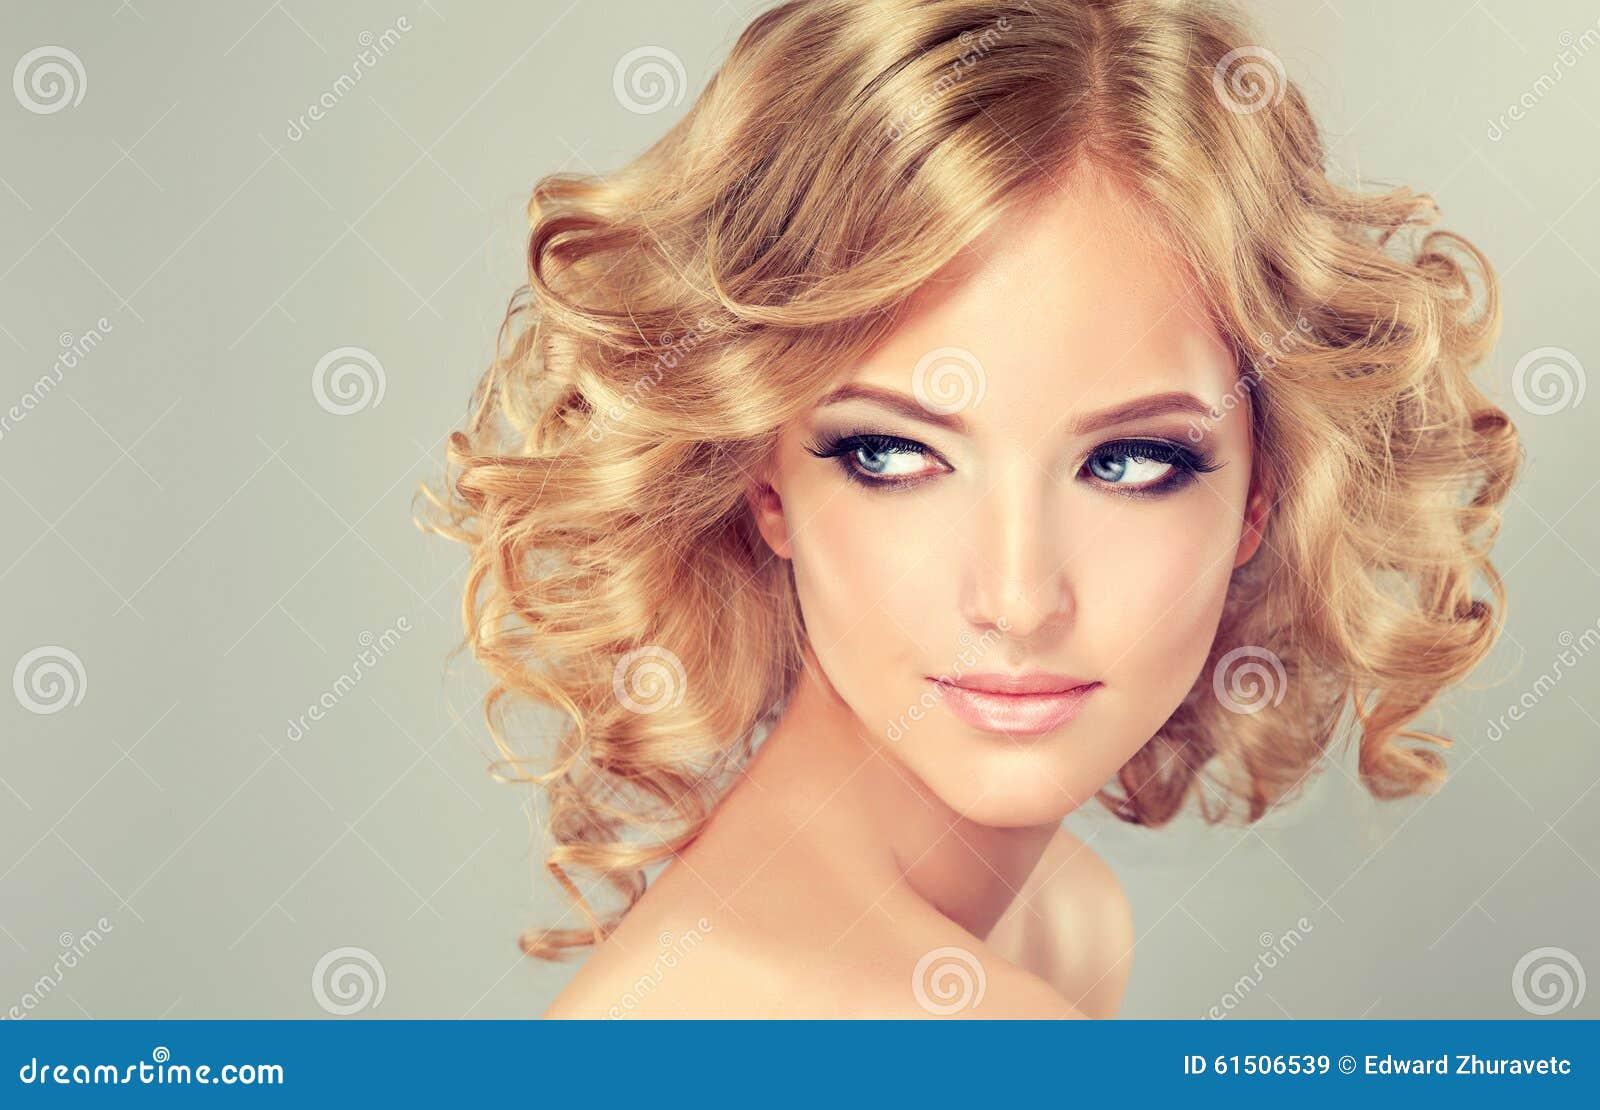 Longueur de milieu de coiffure